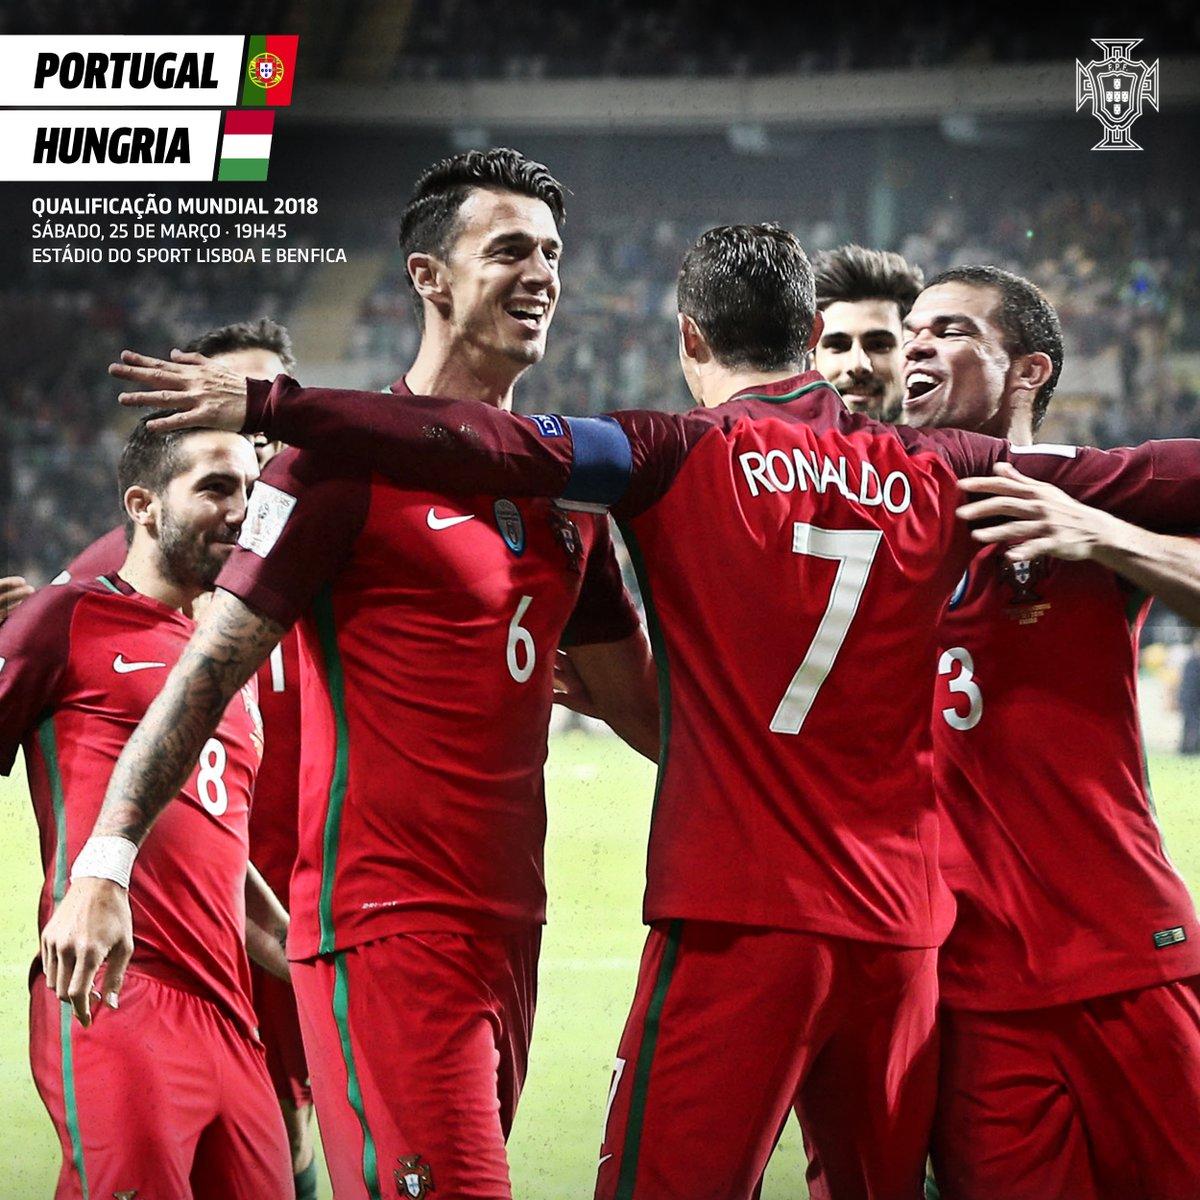 هدف البرتغال الأول عن طريق أندري سيلفا